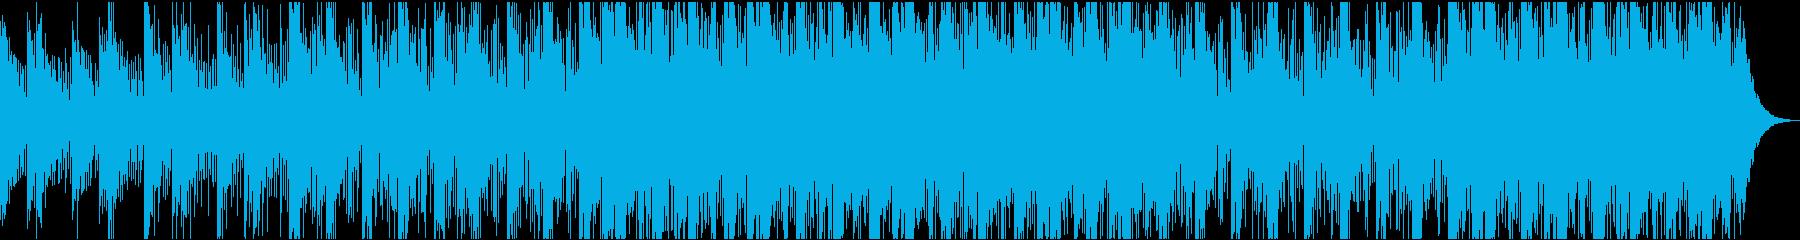 Abstractの再生済みの波形